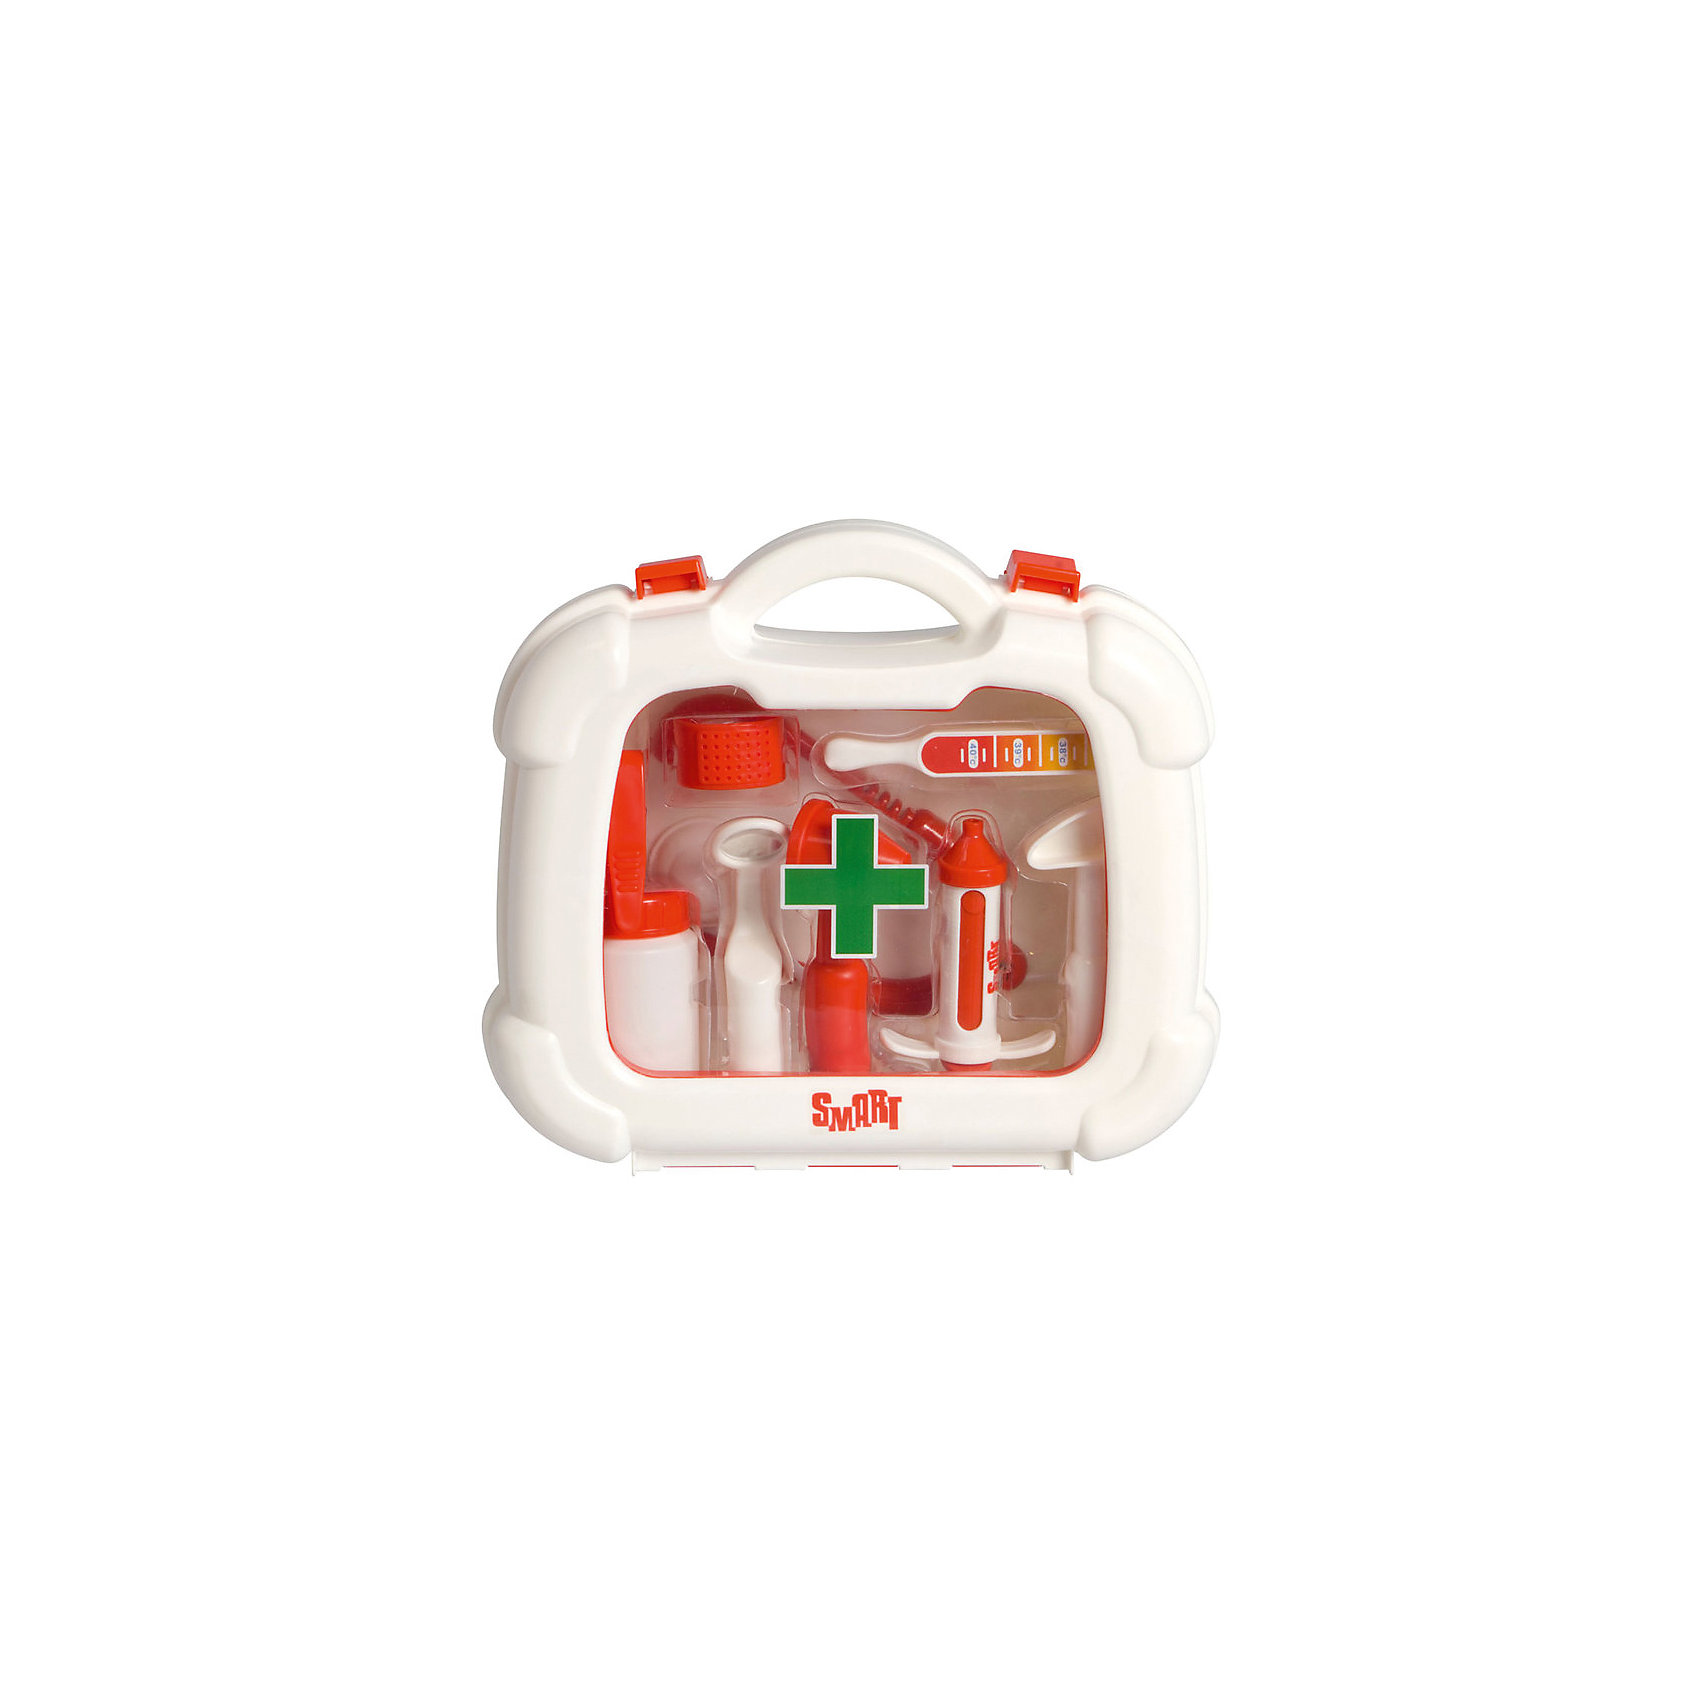 Набор доктора в чемоданчике HTI SmartСюжетно-ролевые игры<br>Характеристики товара: <br><br>• Материал: пластик<br>• Размер упаковки 23,5х24,5х7,7 см<br>• Вес упаковки 0,5 кг<br>• Страна производитель: Китай<br><br>Набор доктора в чемоданчике Smart HTI позволит ребенку попробовать себя в роли доктора и придумать разнообразные сюжеты для игры. В чемодане имеются все необходимые предметы для лечения пациентов. Чемоданчик оснащен удобной ручкой для переноски и закрывается на защелки. Играя с набором, у детей развивается фантазия, воображение, логическое мышление.<br><br>Игрушка изготовлена из качественного нетоксичного пластика. В наборе чемодан, ножницы, стетоскоп, шприц, баночка для лекарств, градусник, молоточек, пинцет, зеркало.<br><br>Набор доктора в чемоданчике Smart HTI можно приобрести в нашем интернет-магазине.<br><br>Ширина мм: 235<br>Глубина мм: 245<br>Высота мм: 77<br>Вес г: 500<br>Возраст от месяцев: 36<br>Возраст до месяцев: 2147483647<br>Пол: Унисекс<br>Возраст: Детский<br>SKU: 5514325